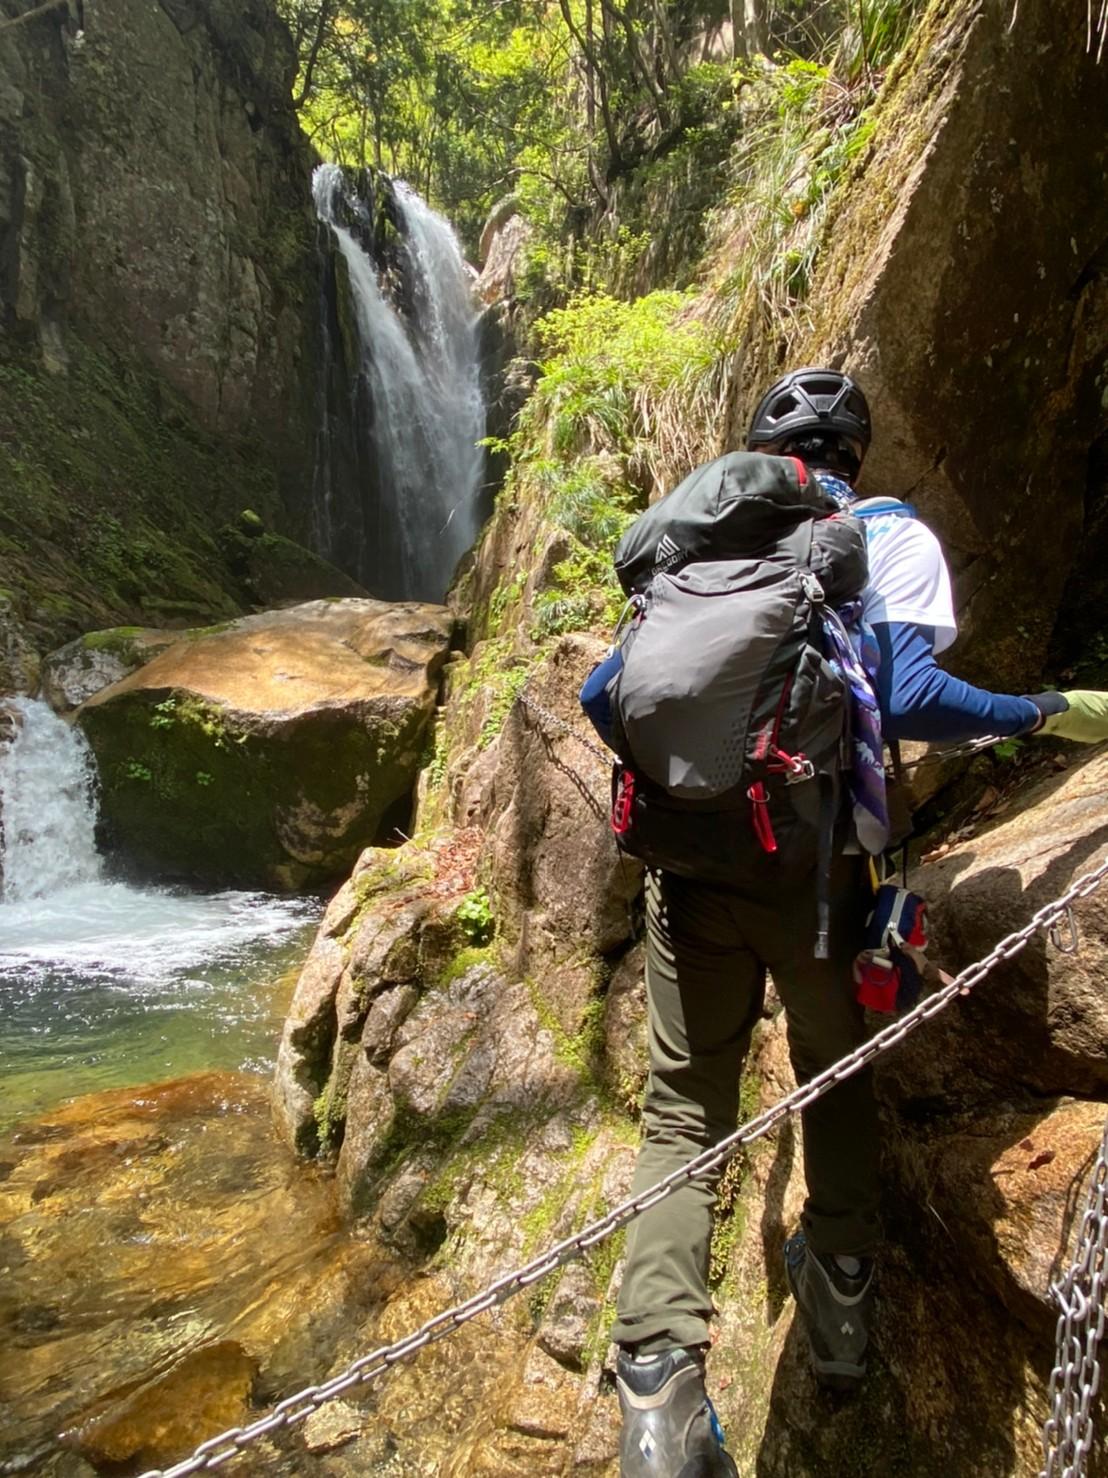 2021.05.04 リーダーズトレック 八ツ淵の滝からの武奈ヶ岳 1,214m🎥